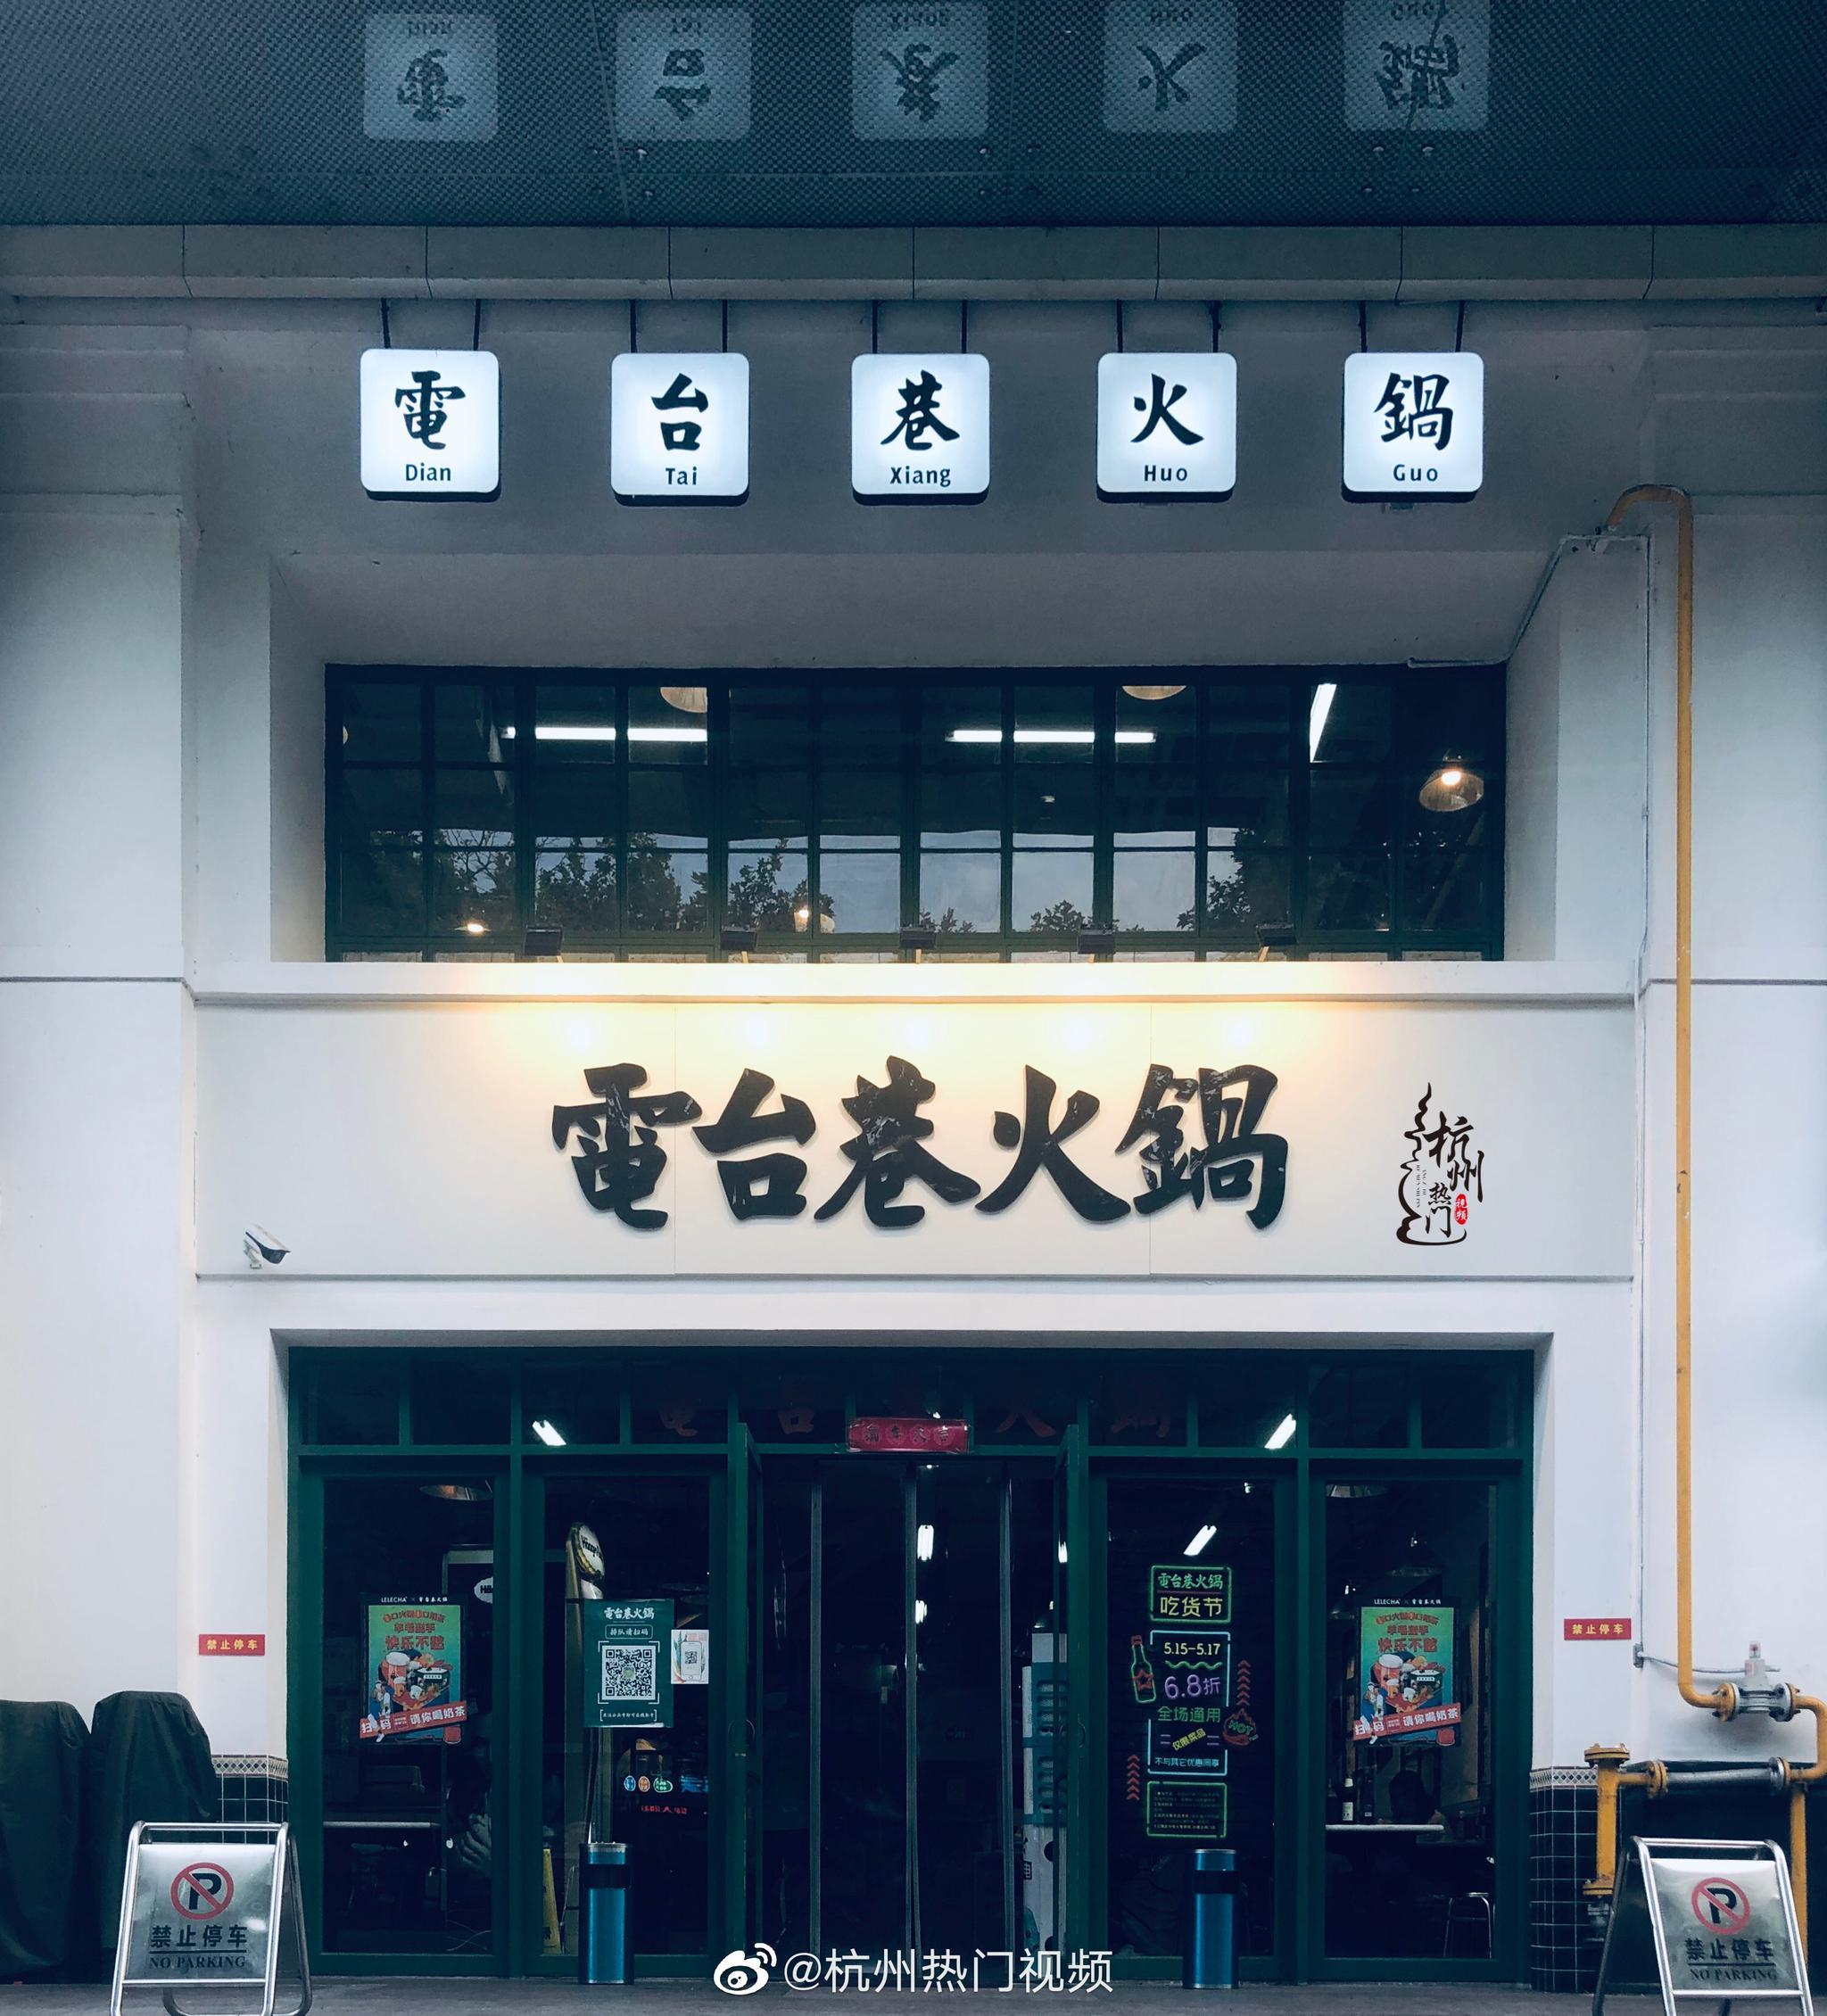 📷电台巷火锅(杭州直营店)定安路地铁站出口800米左右一家天天